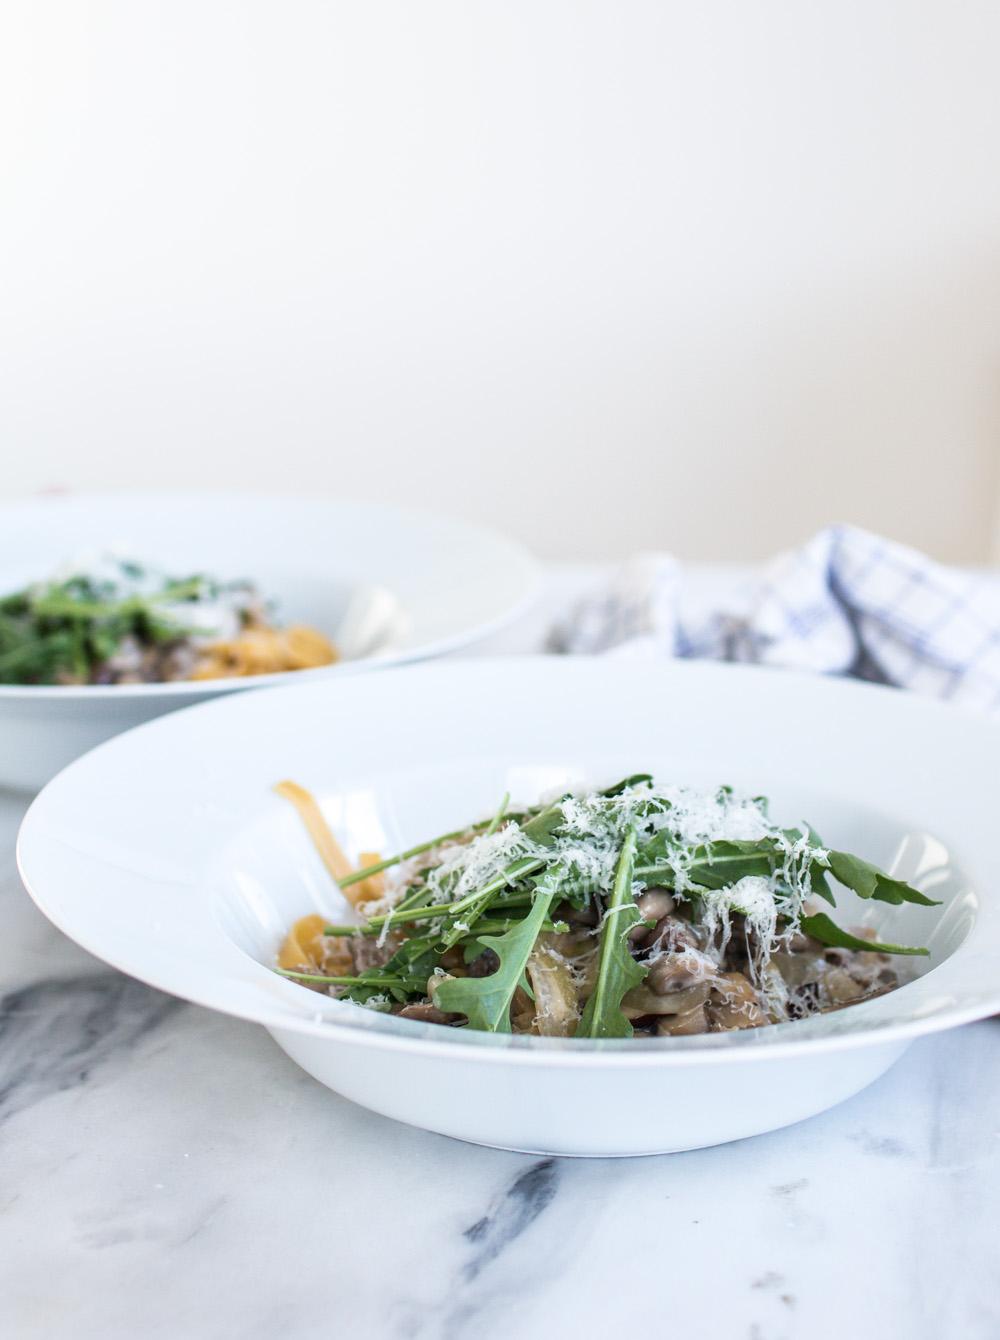 opskrift-pasta-svampe-floede-vegetar-7-of-8